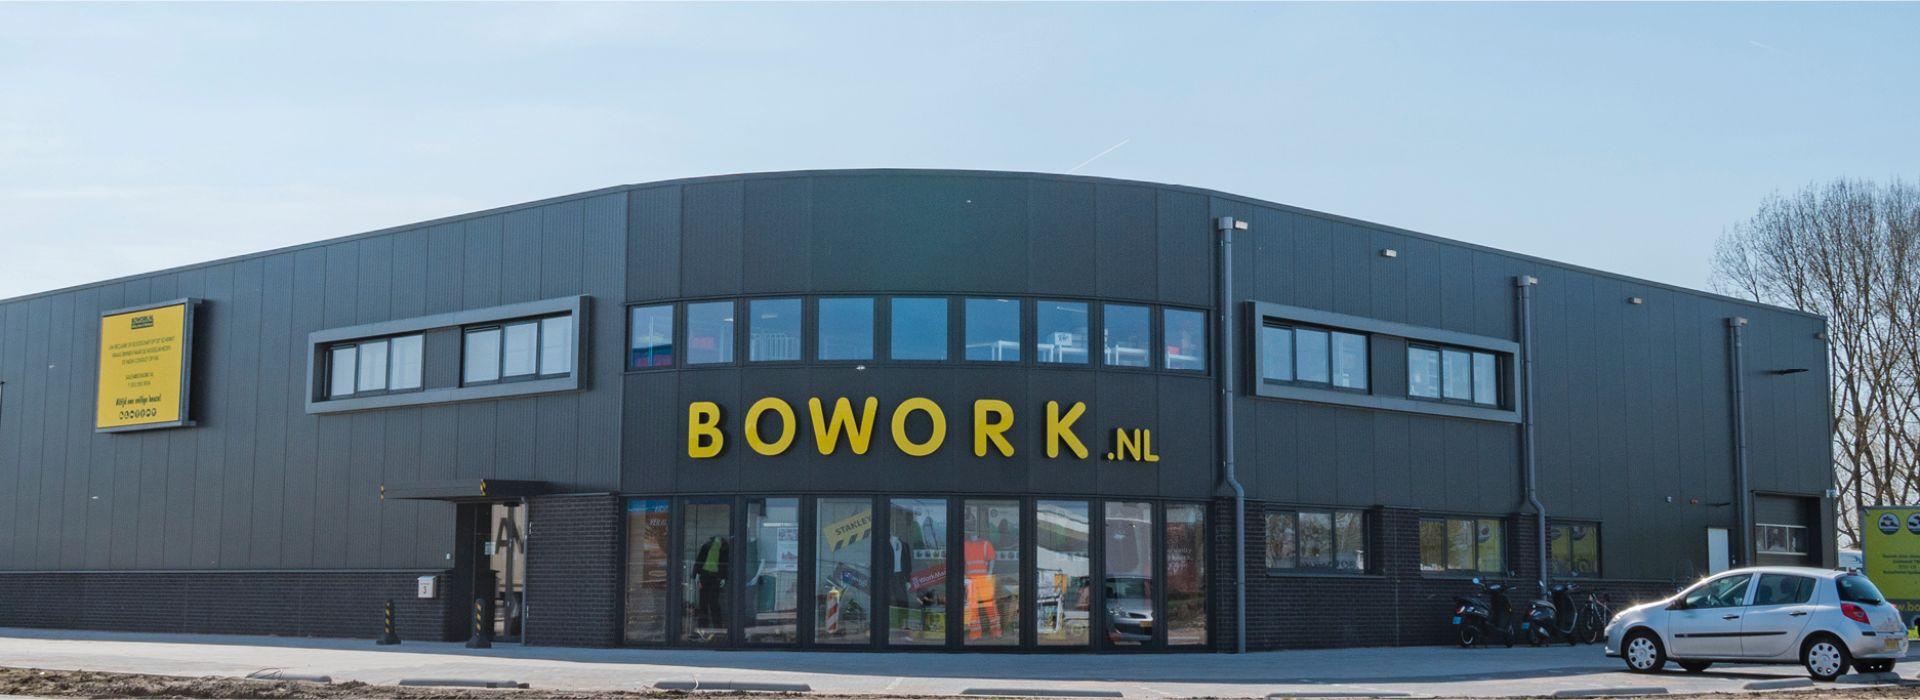 Werkschoenen Winkel.Werkschoenenwinkel Bowork Nl